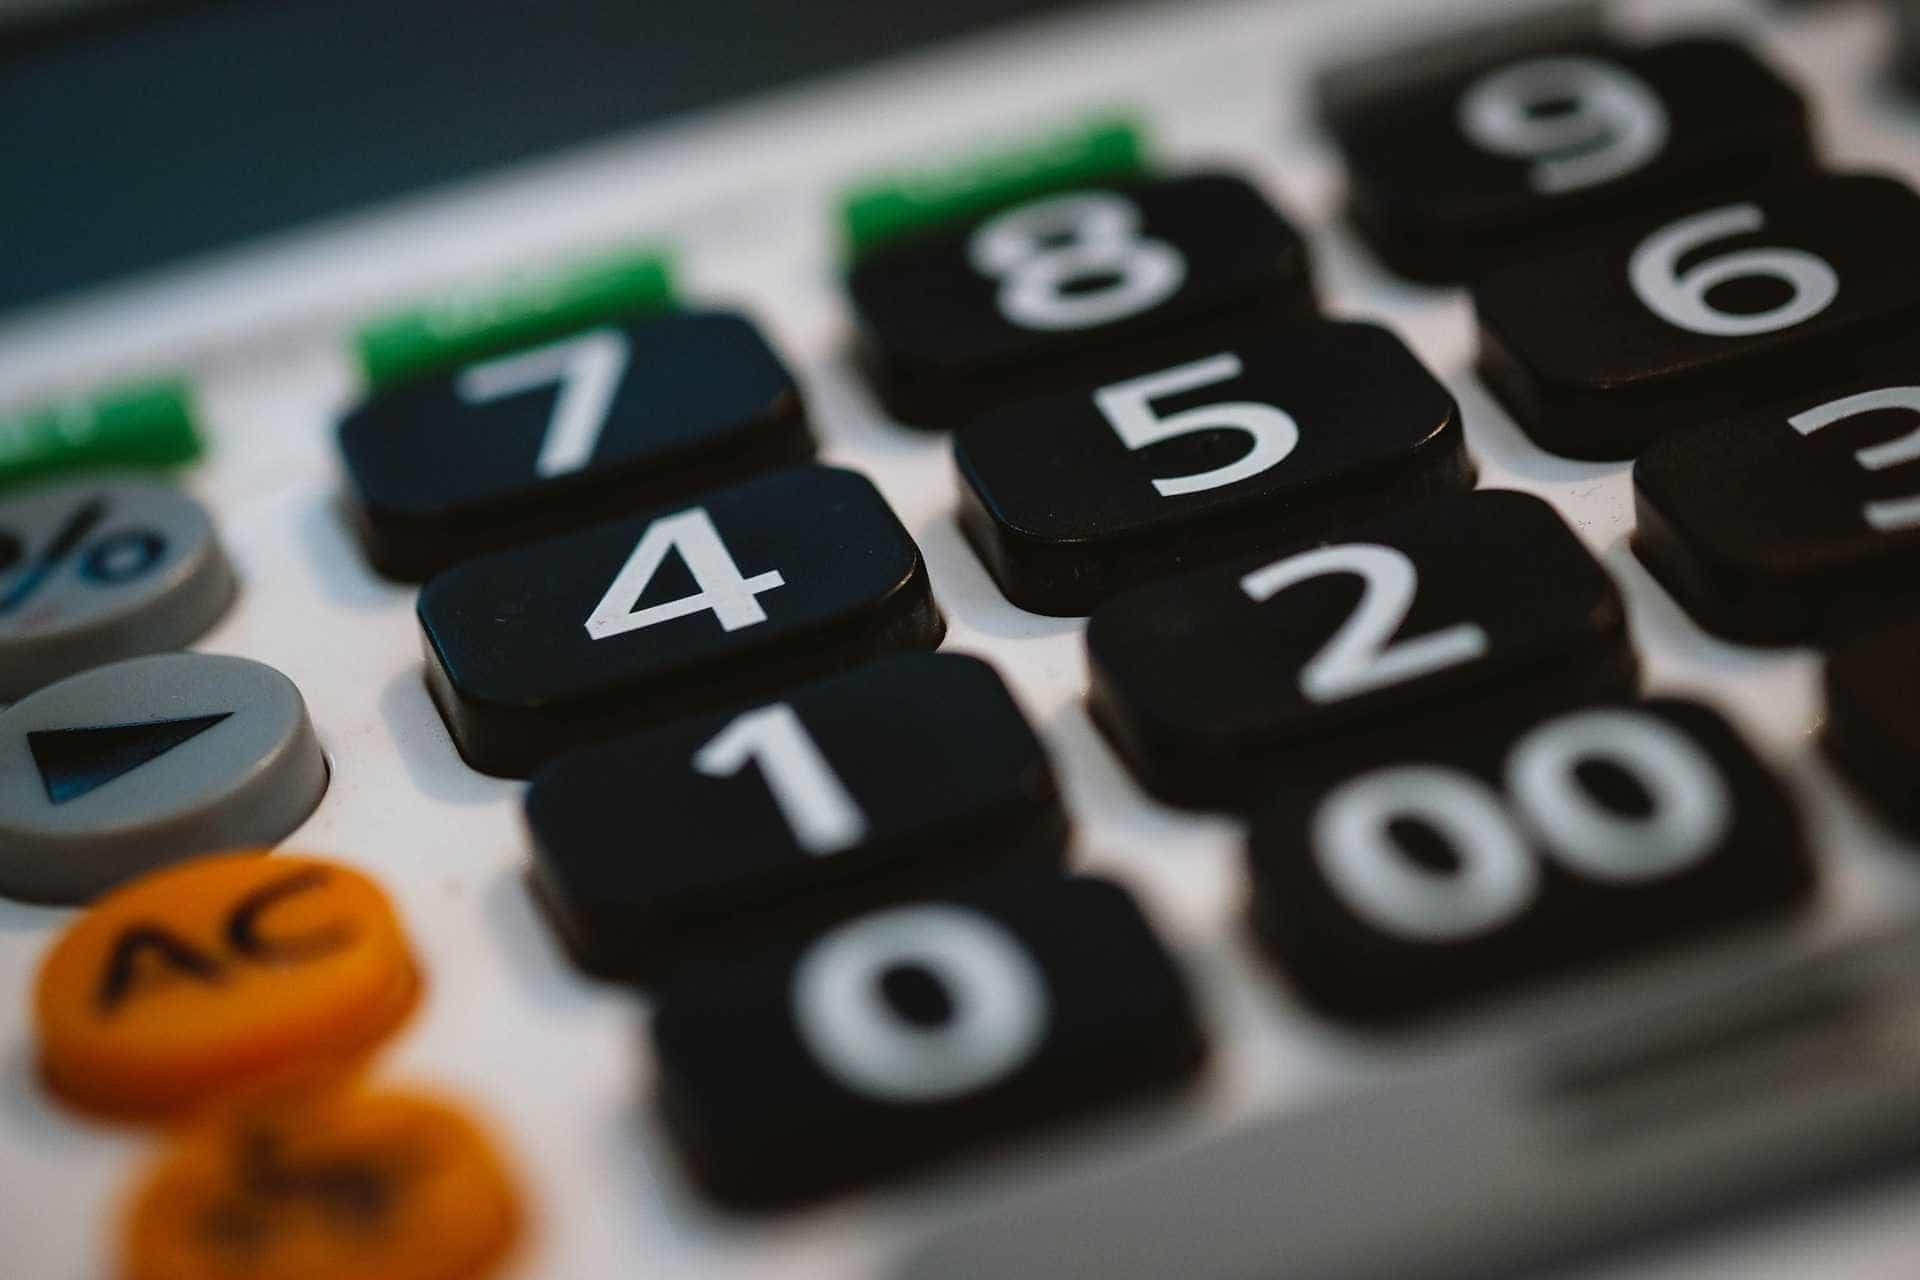 Pedidos de falência sobem 52,3% em fevereiro ante janeiro